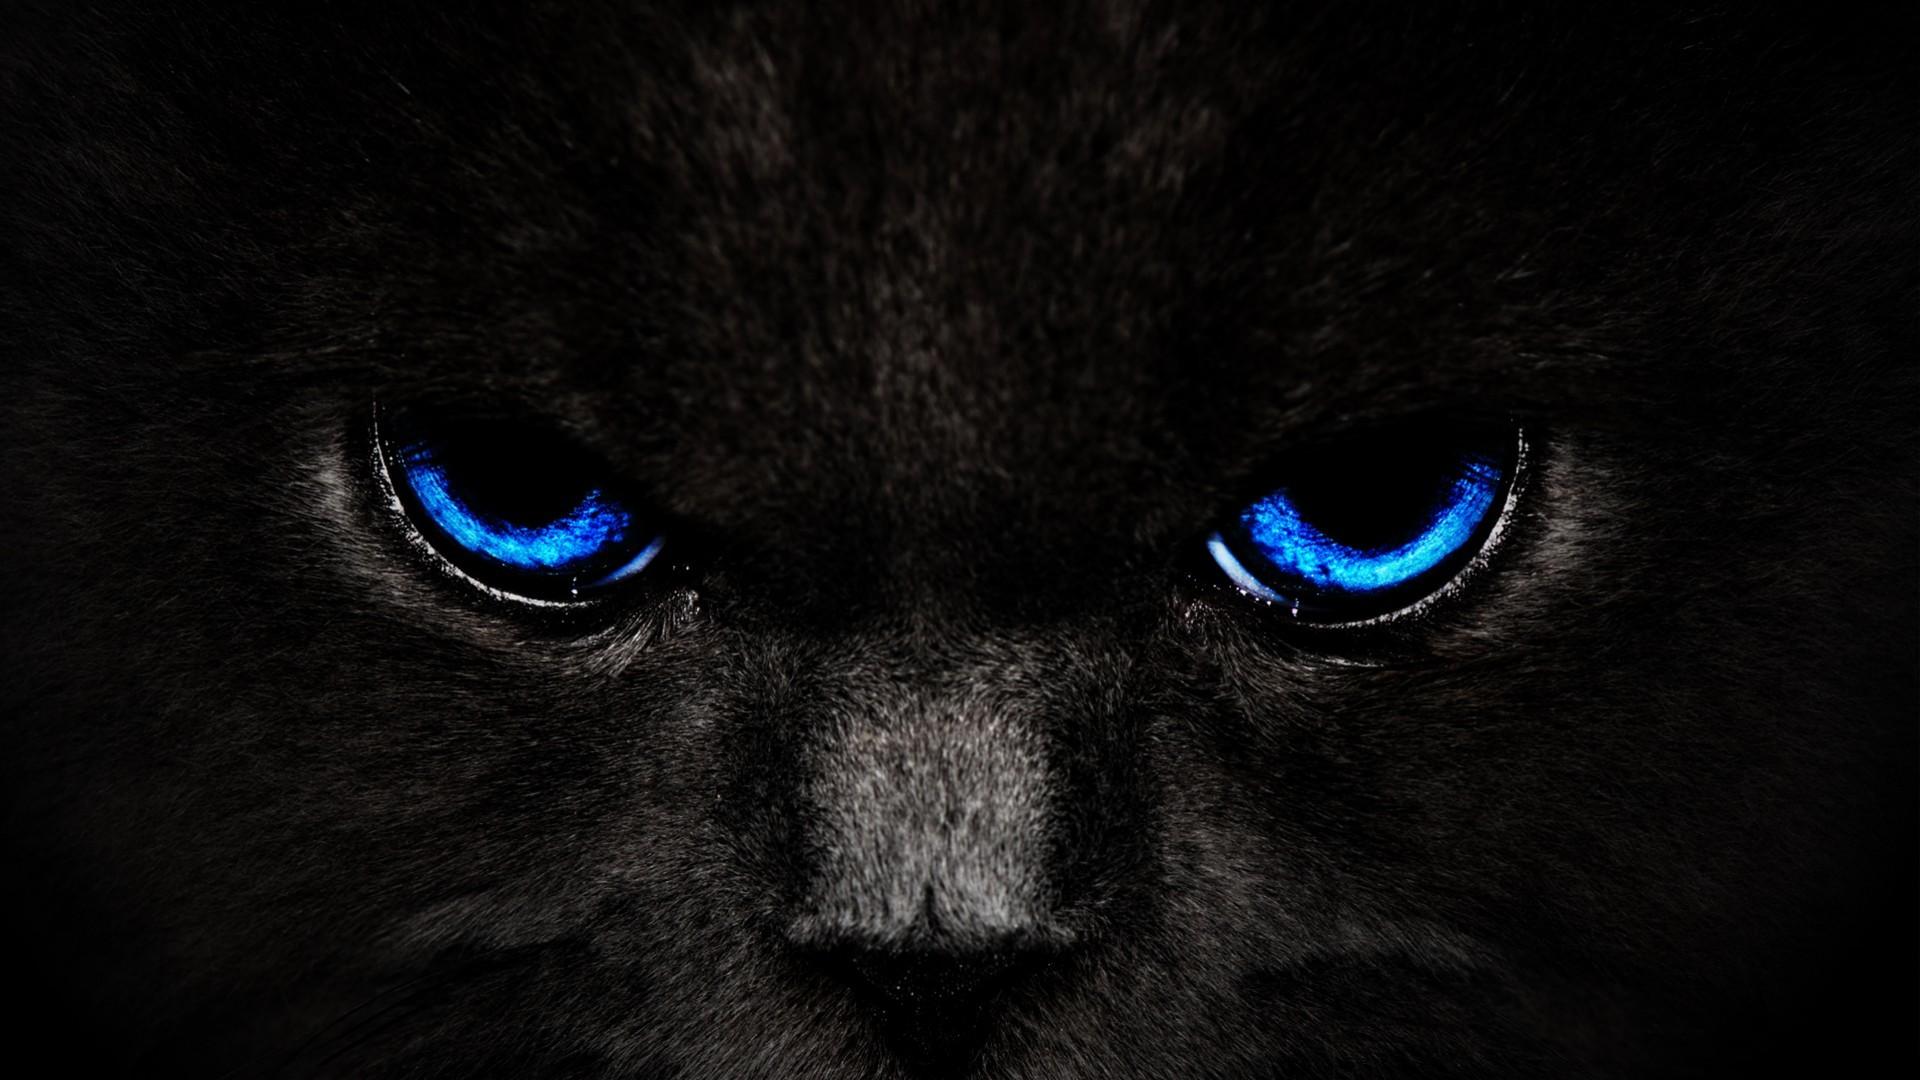 1920x1080 Black Panther Blue Eyes Wallpaper